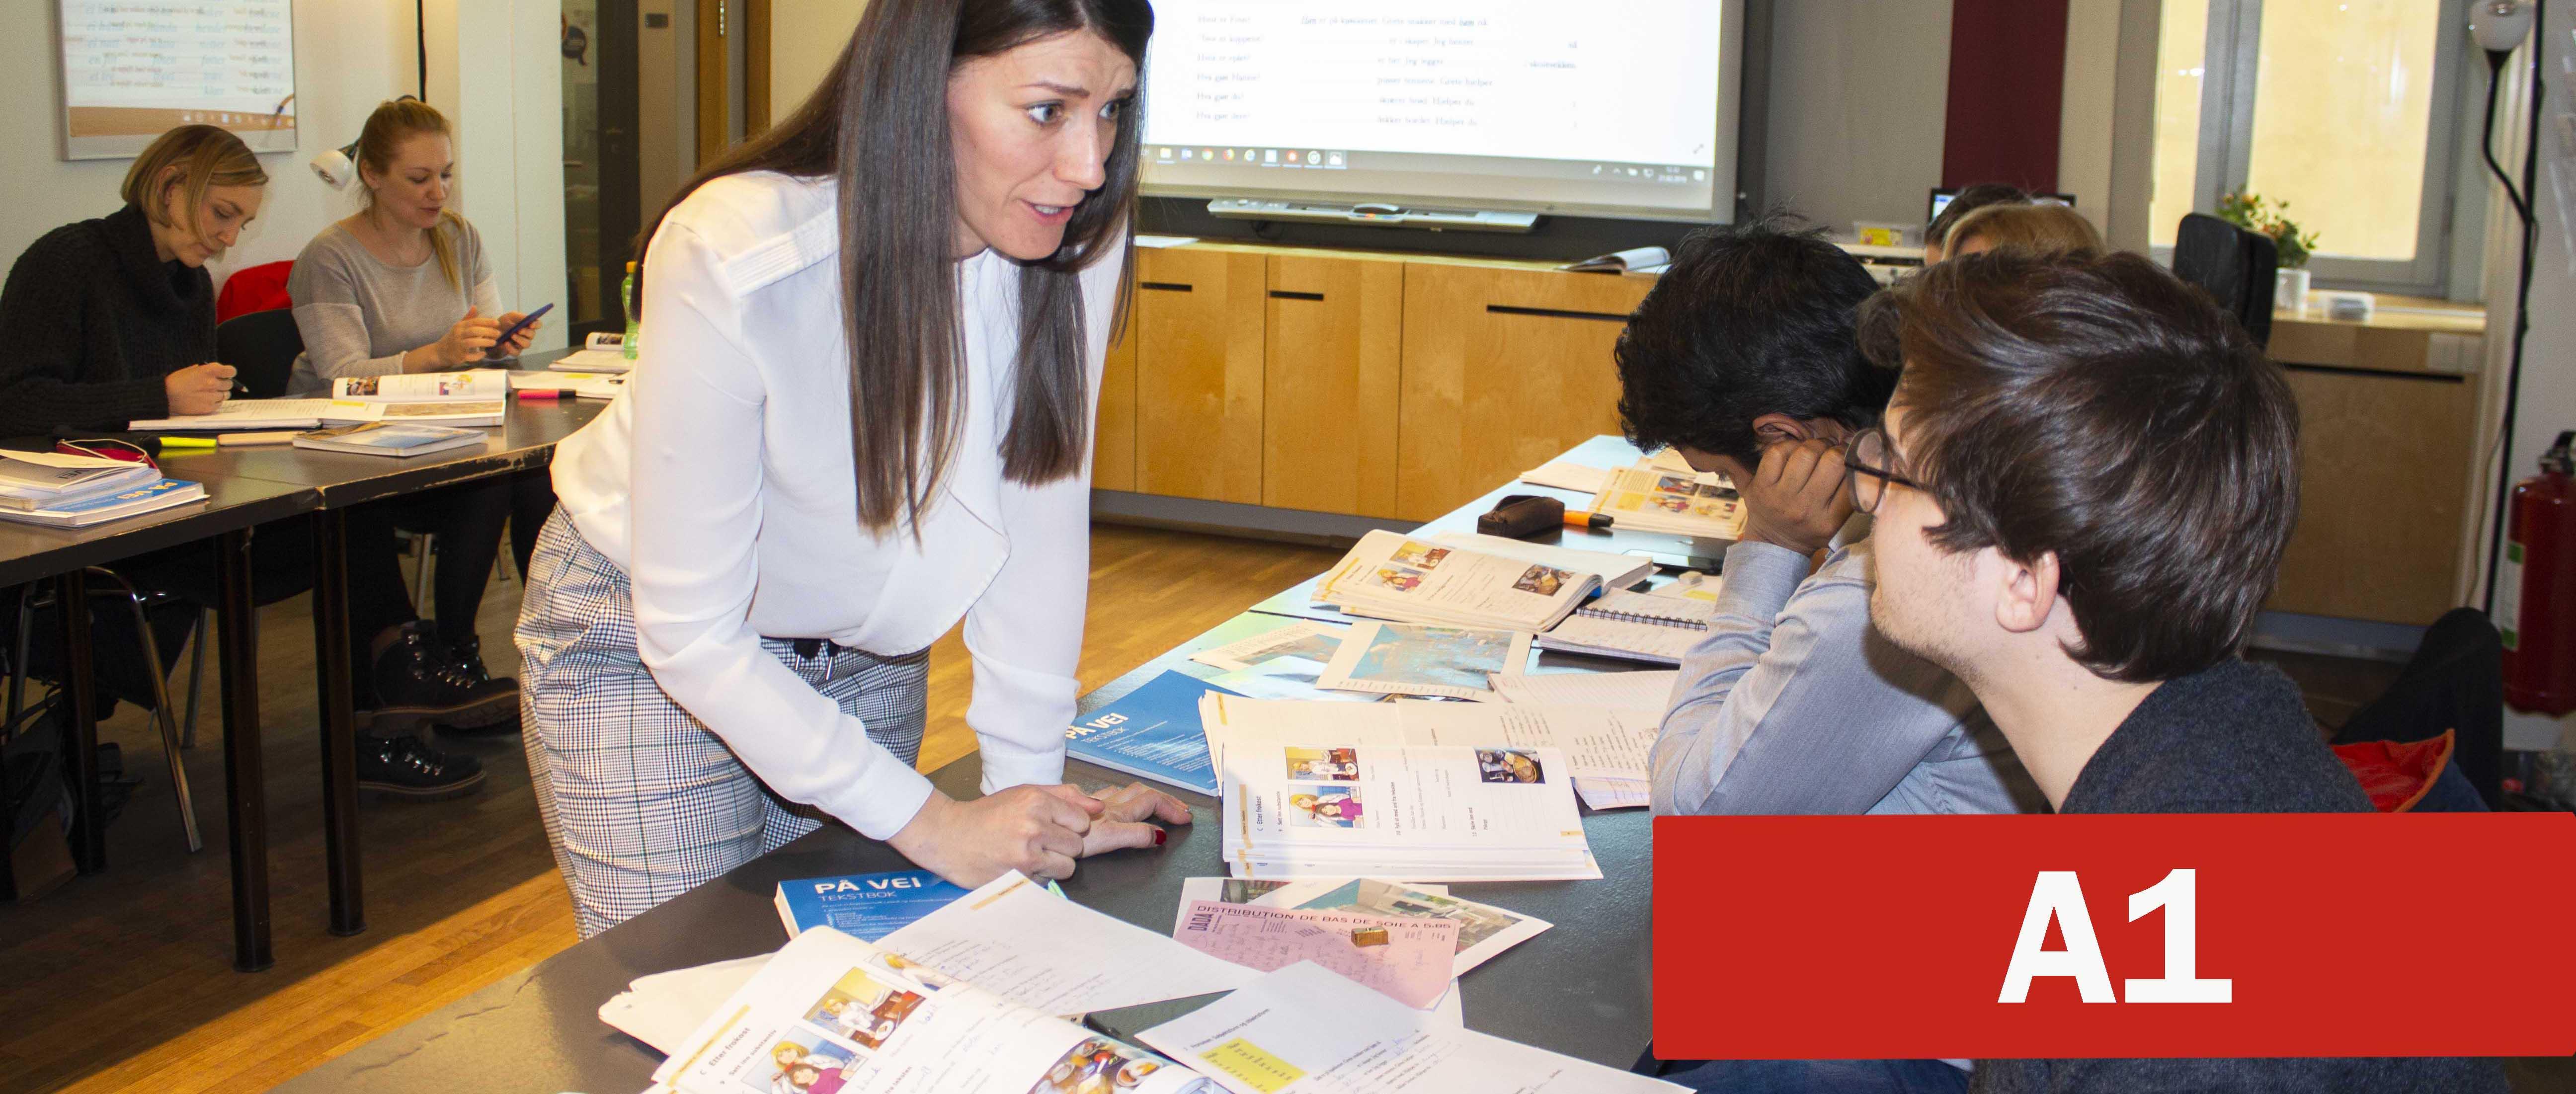 Certified provider of Norwegian courses - Alfaskolen no